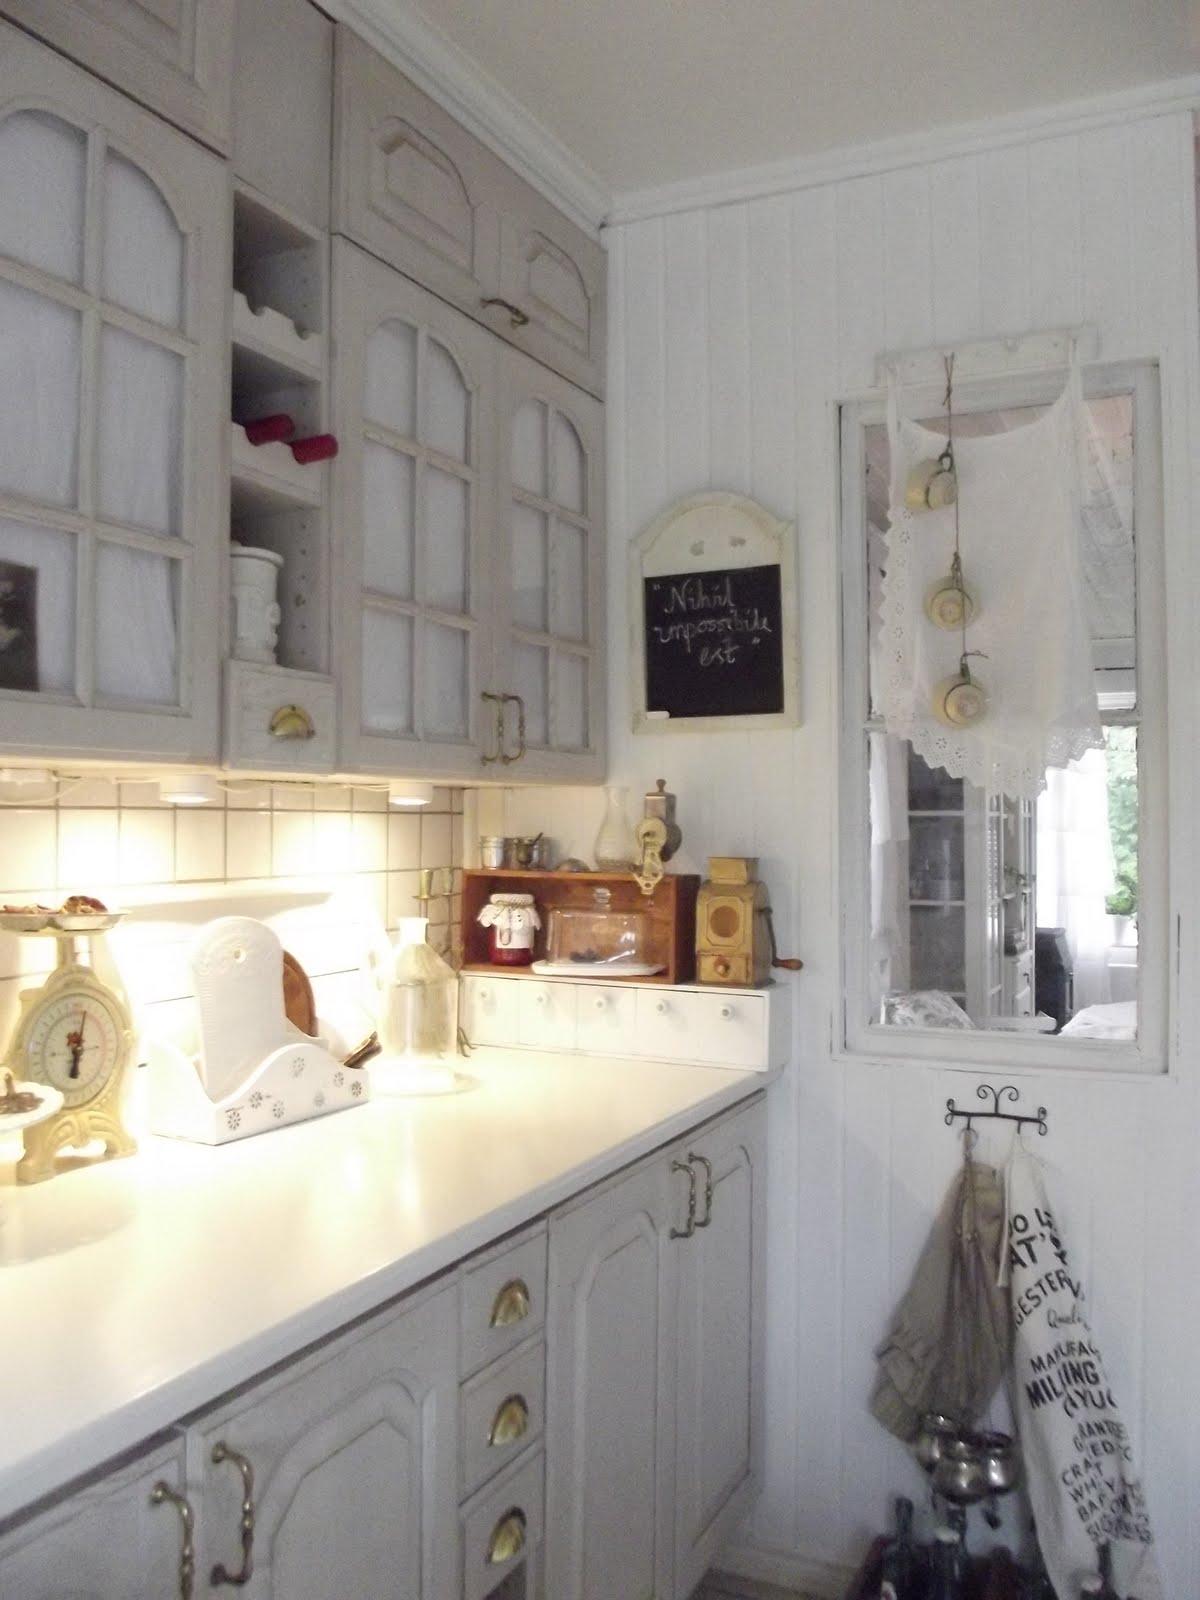 Boiserie c programmi per oggi riverniciare la cucina for Programma per progettare cucina